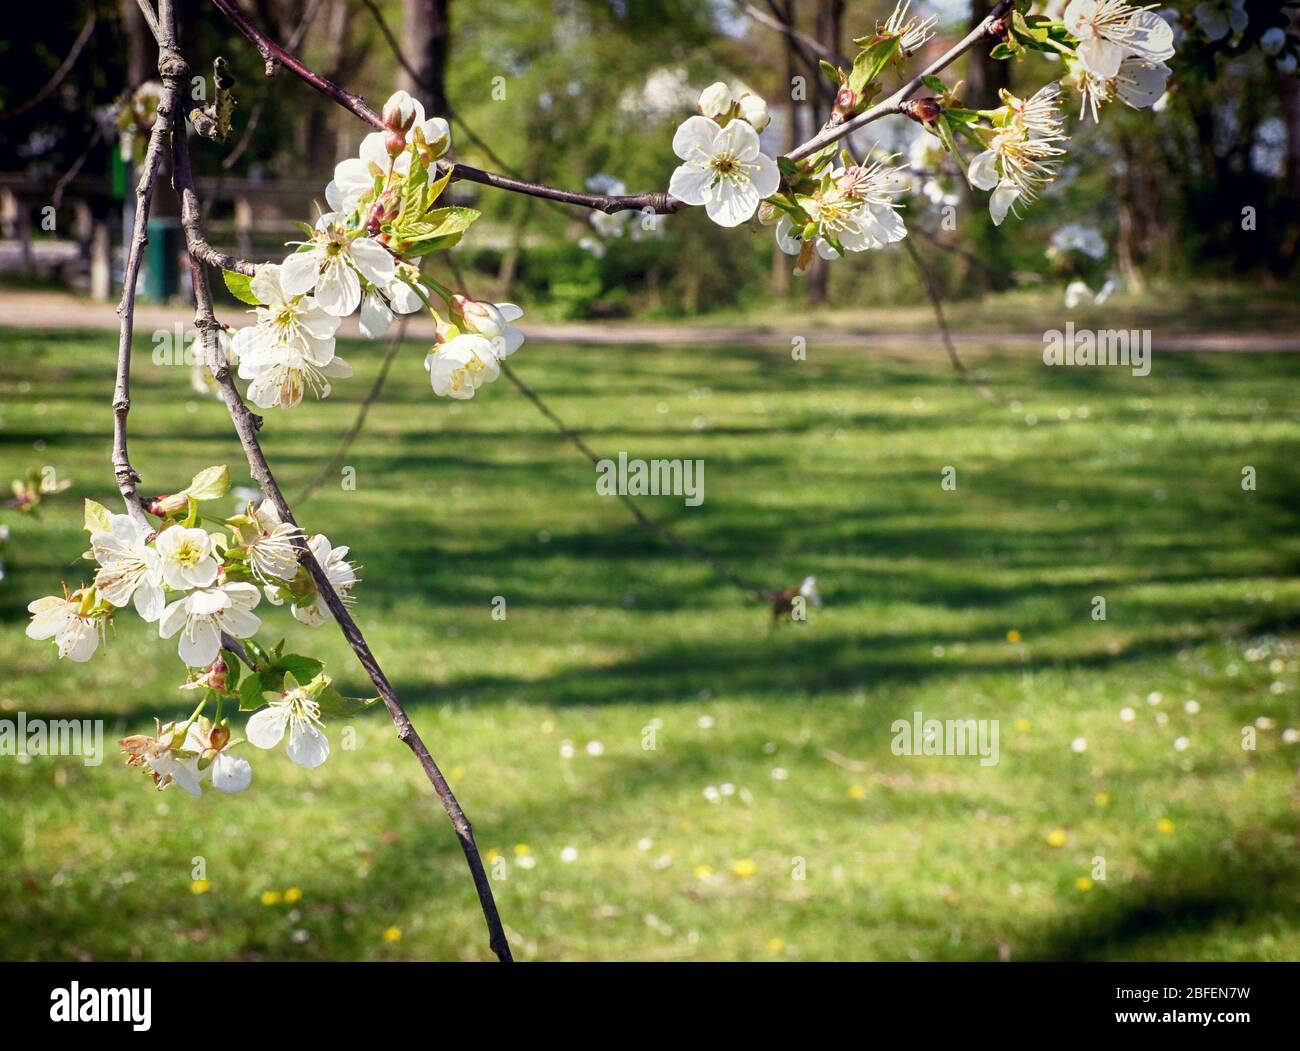 Printemps au Bayern, branche de pommier pleine de fleurs blanches dans le verger, gros plan, doux foyer Banque D'Images